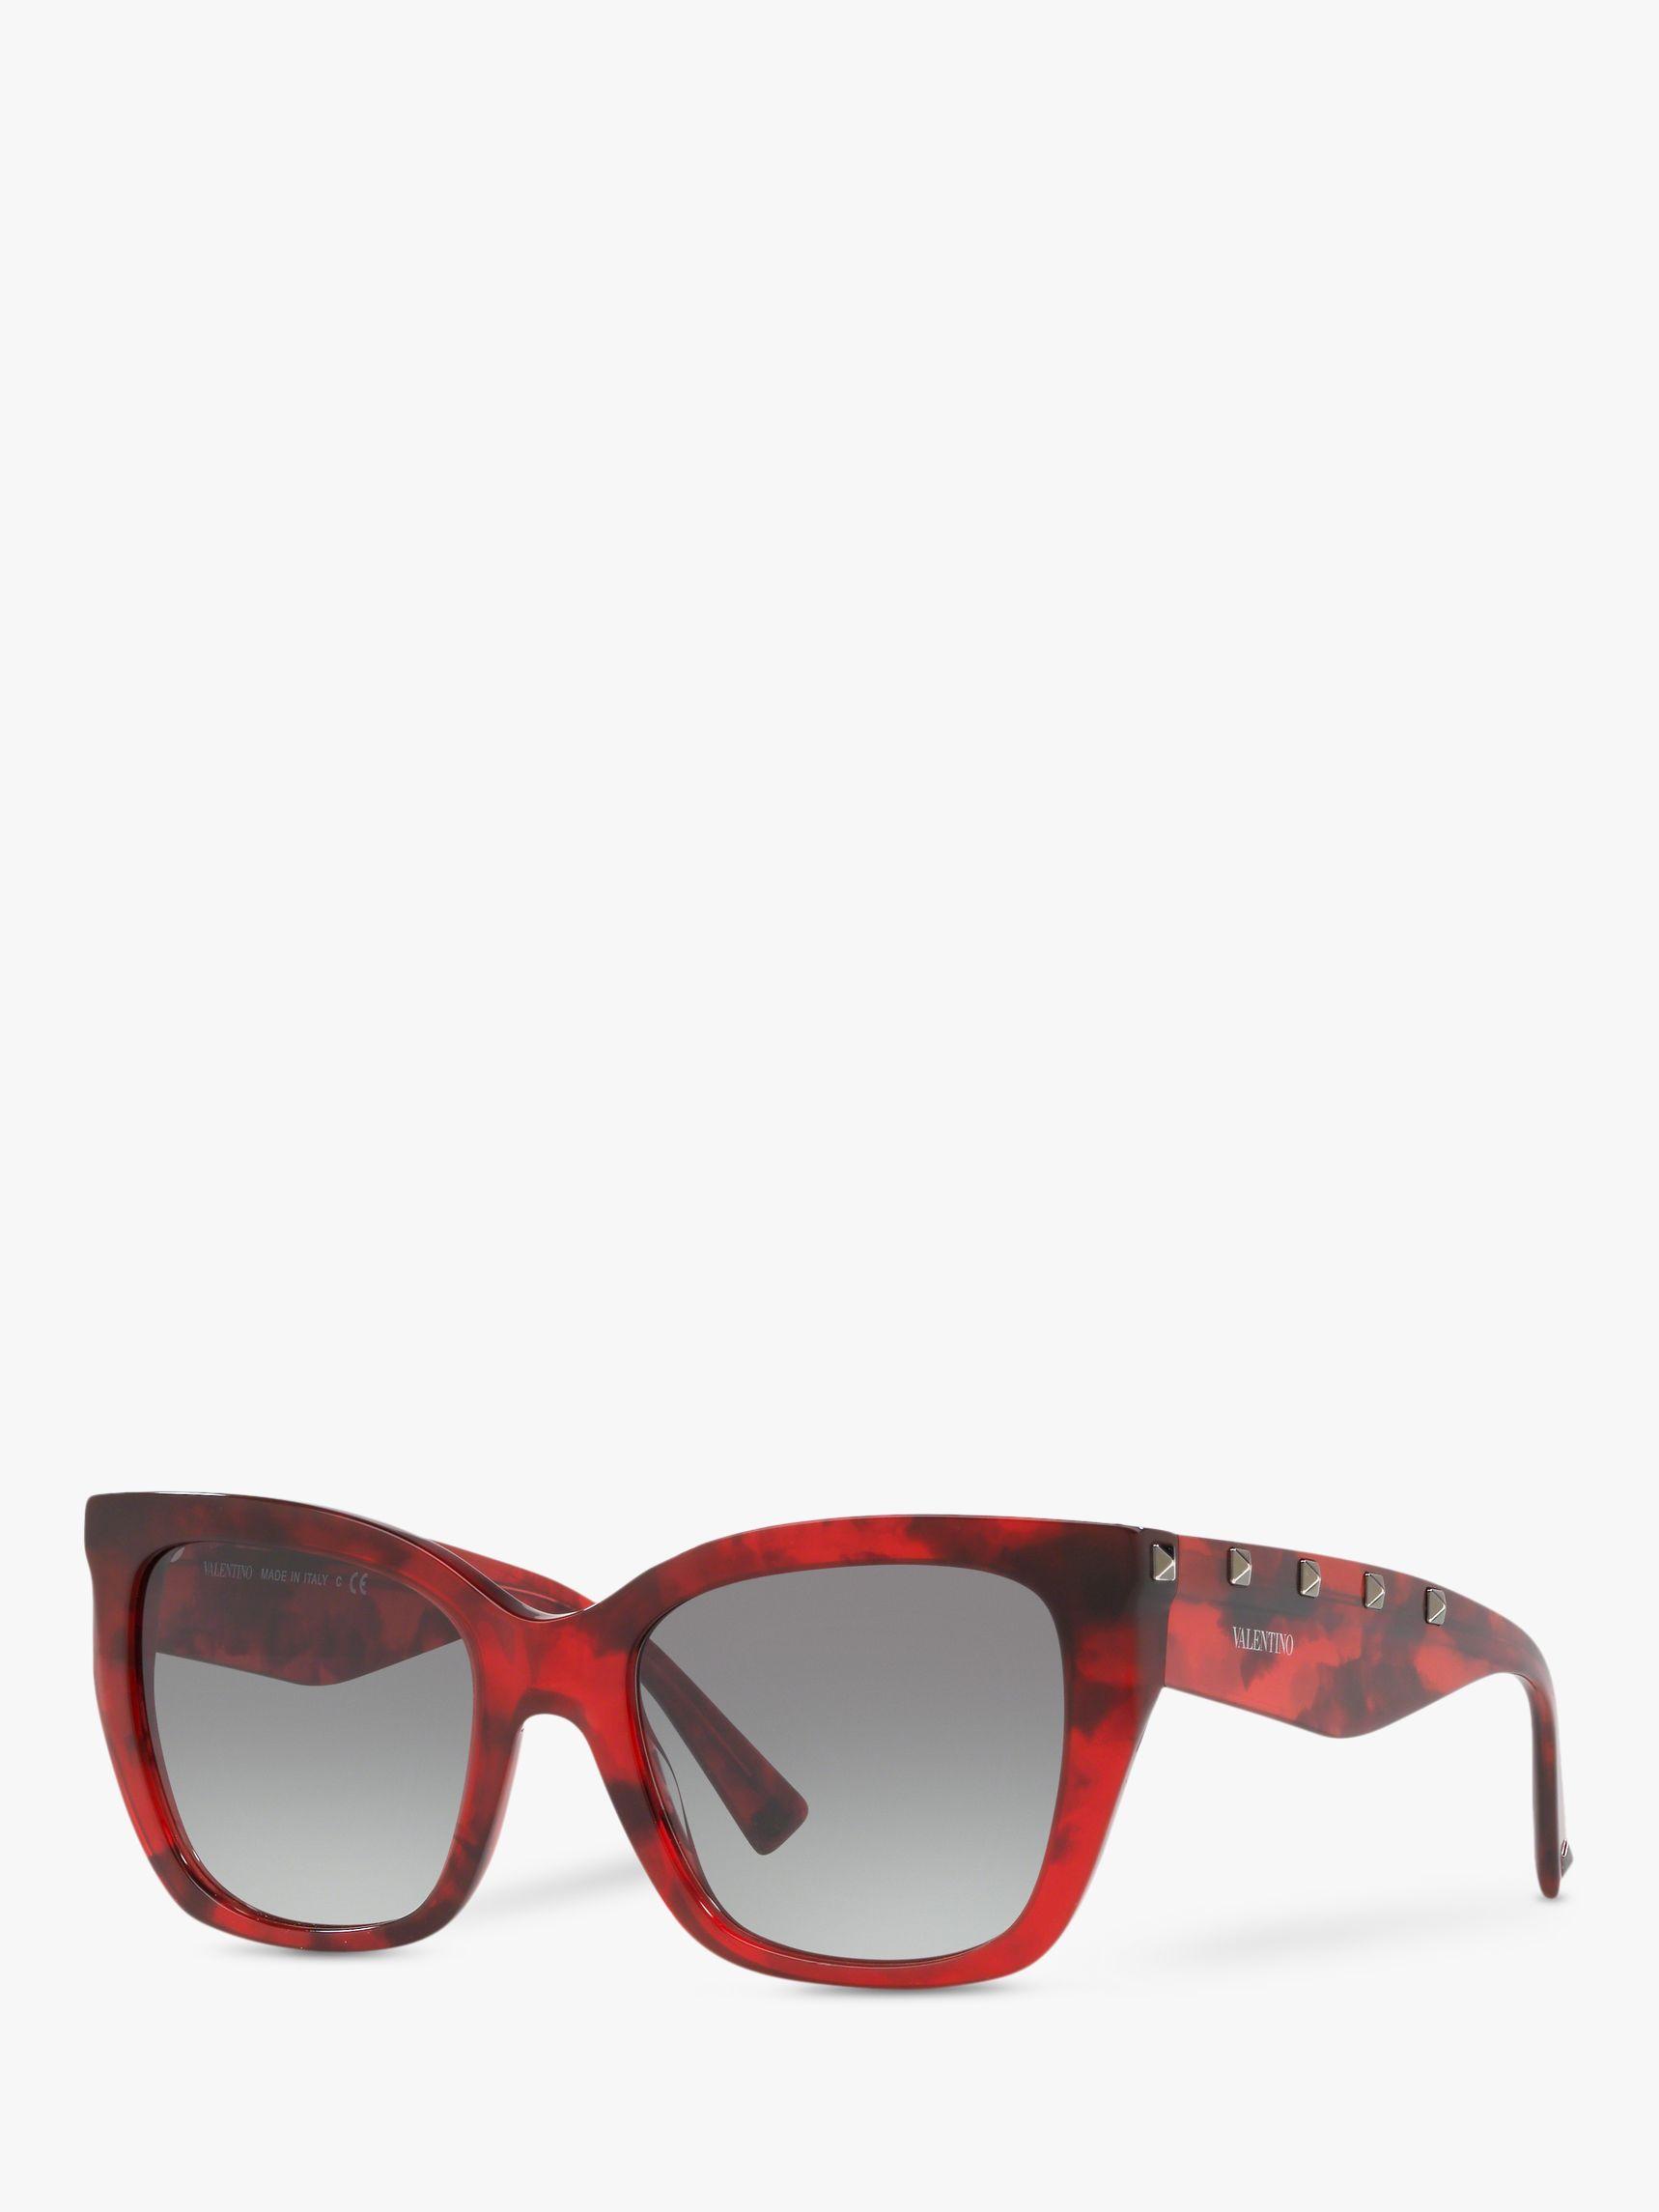 Valentino Valentino VA4048 Women's Studded Cat's Eye Sunglasses, Red Havana/Grey Gradient